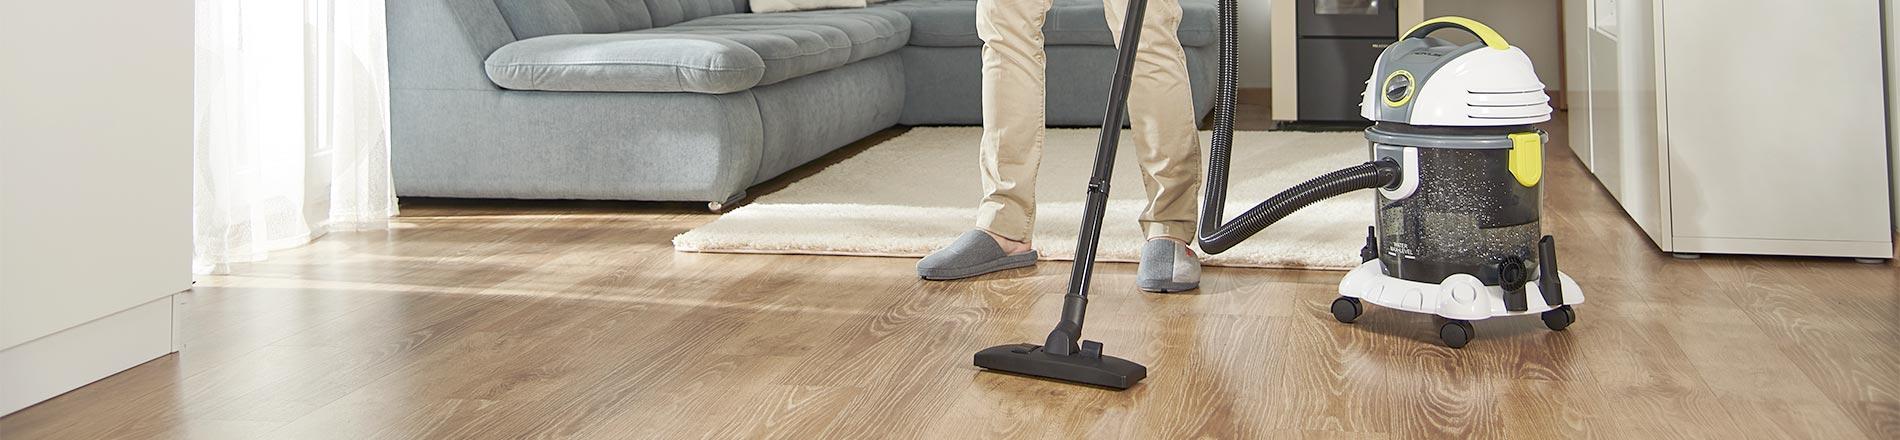 Pastrimi & kujdesi për shtëpi